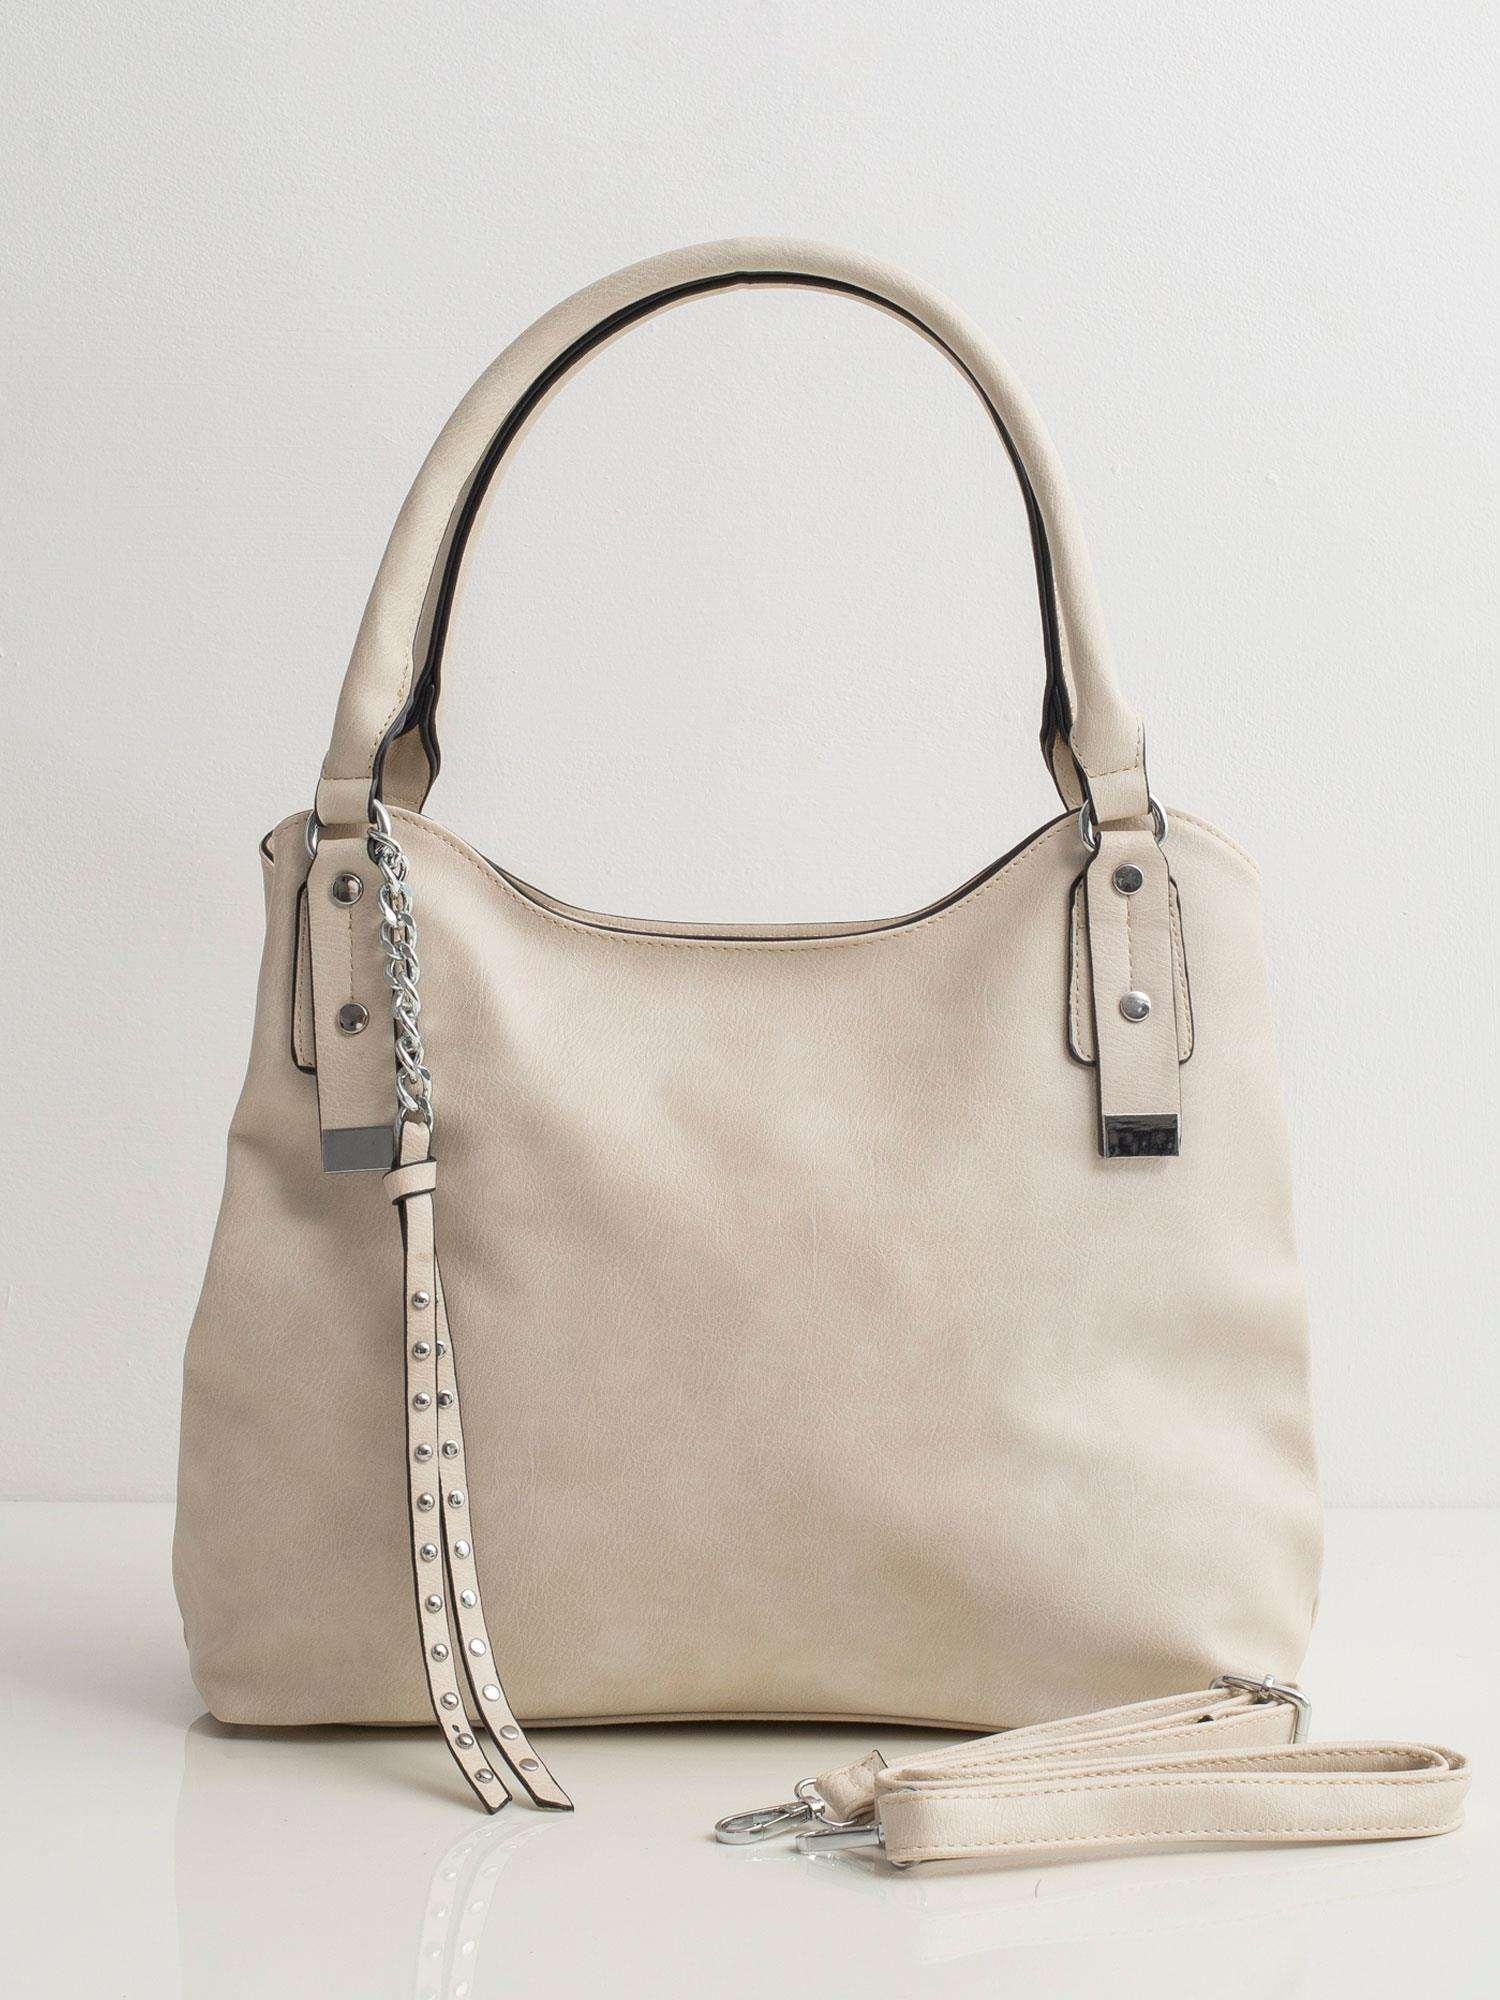 Béžová kabelka na rameno s príveskom - UNI